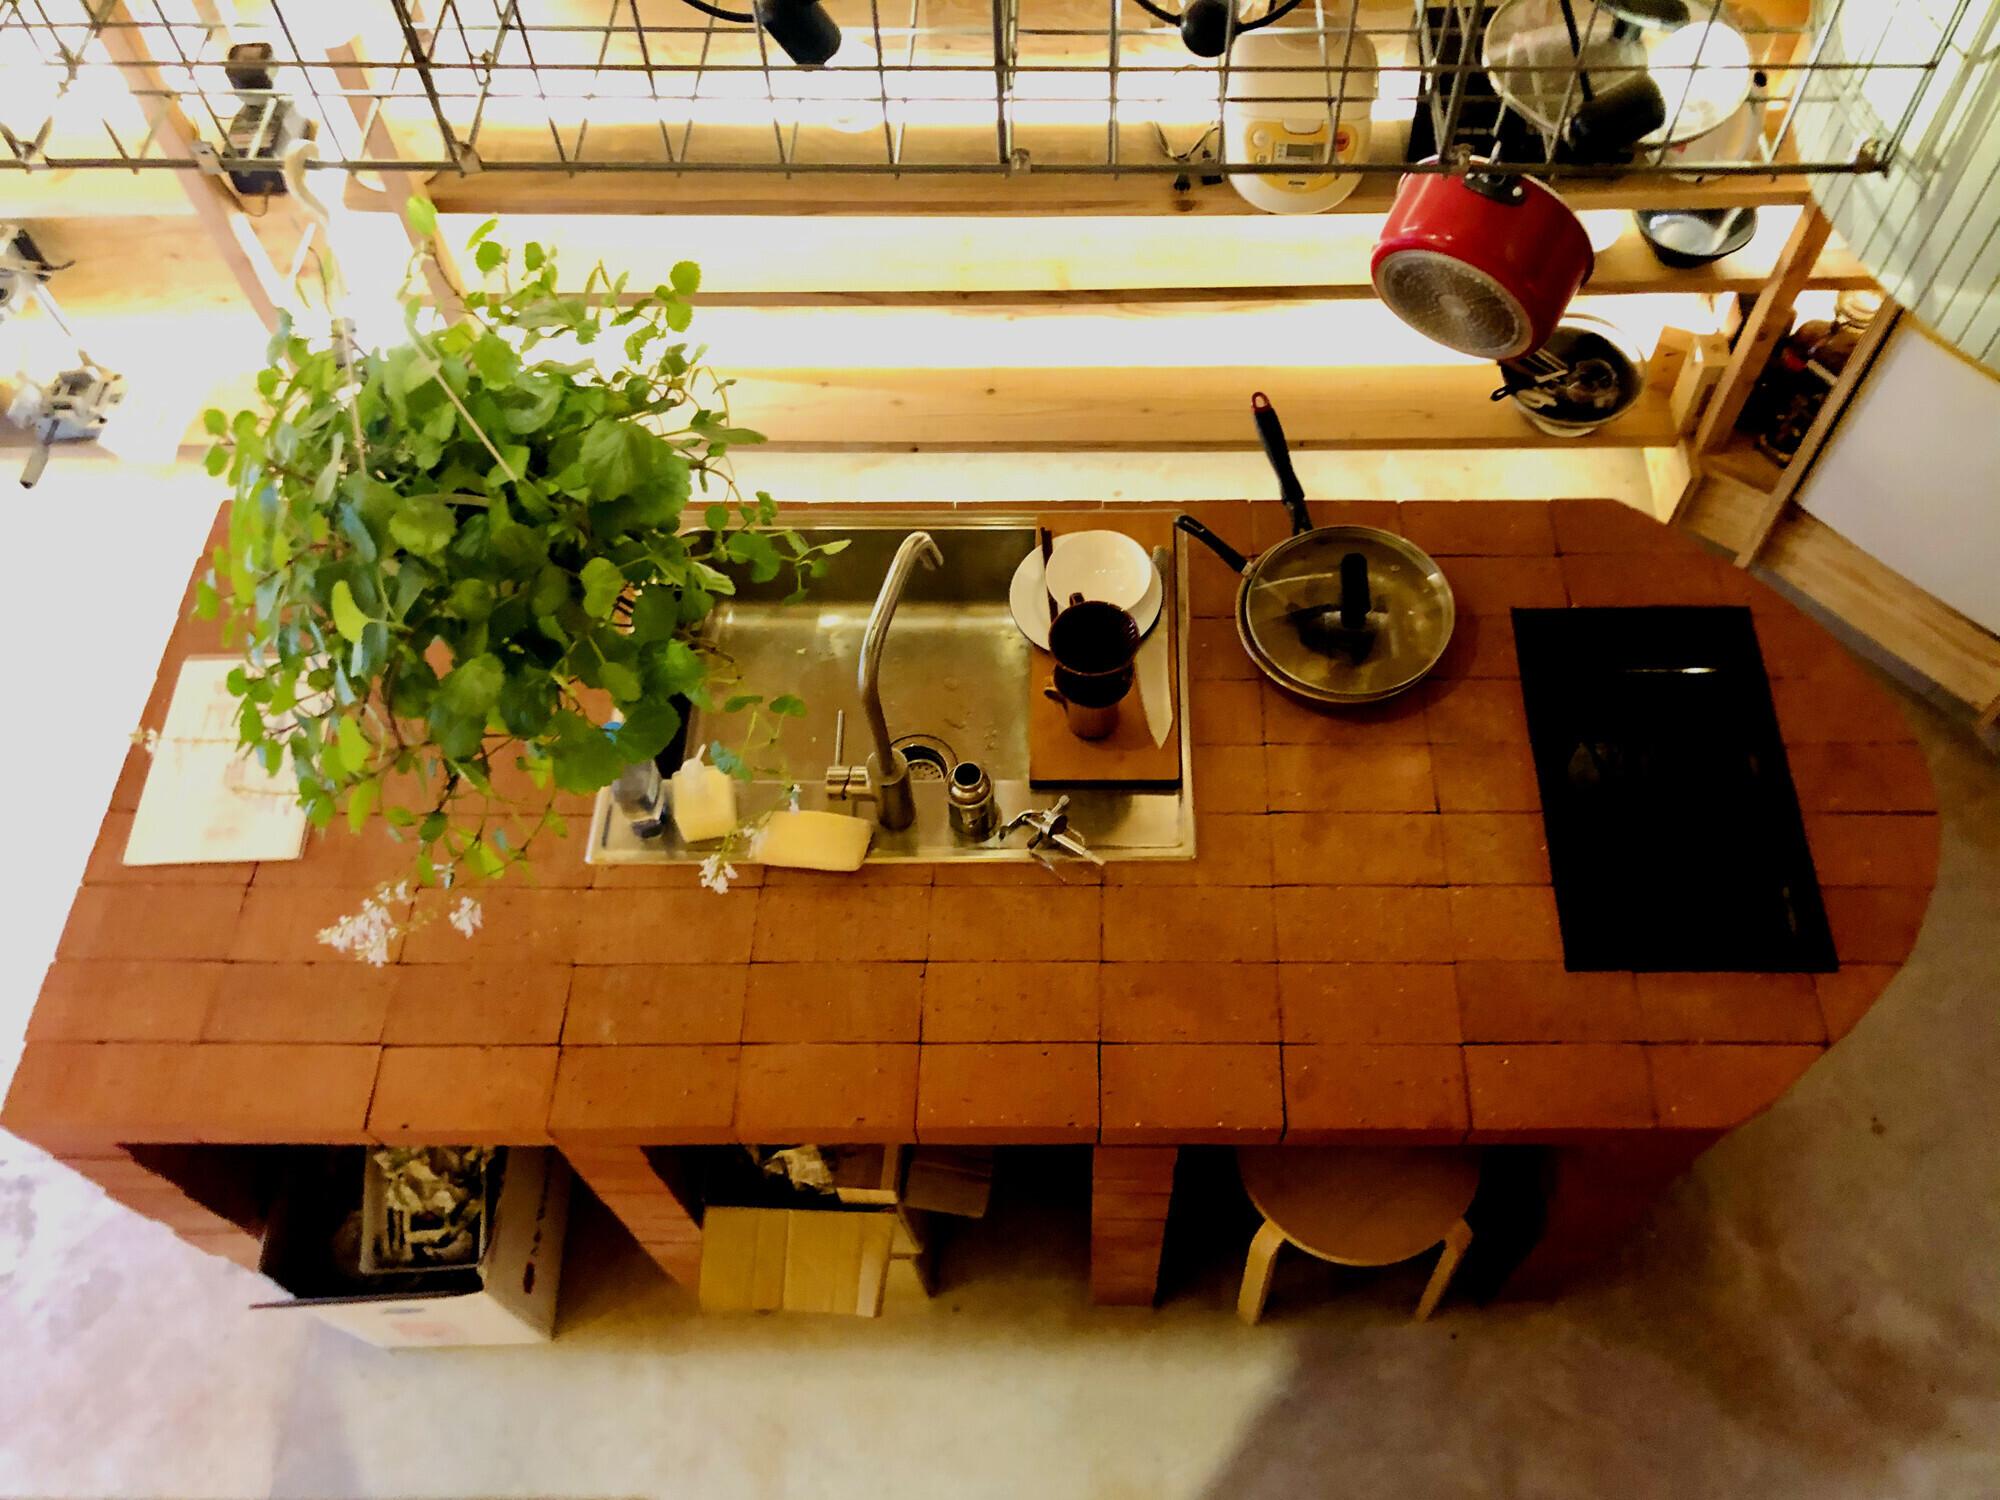 【キッチンカウンター】キッチンで作業する側の反対側は3席座るスペースがある。土間はモルタルなので床掃除はホースで水洗いできる。   せいかつとせいさくの家(美術家M邸)